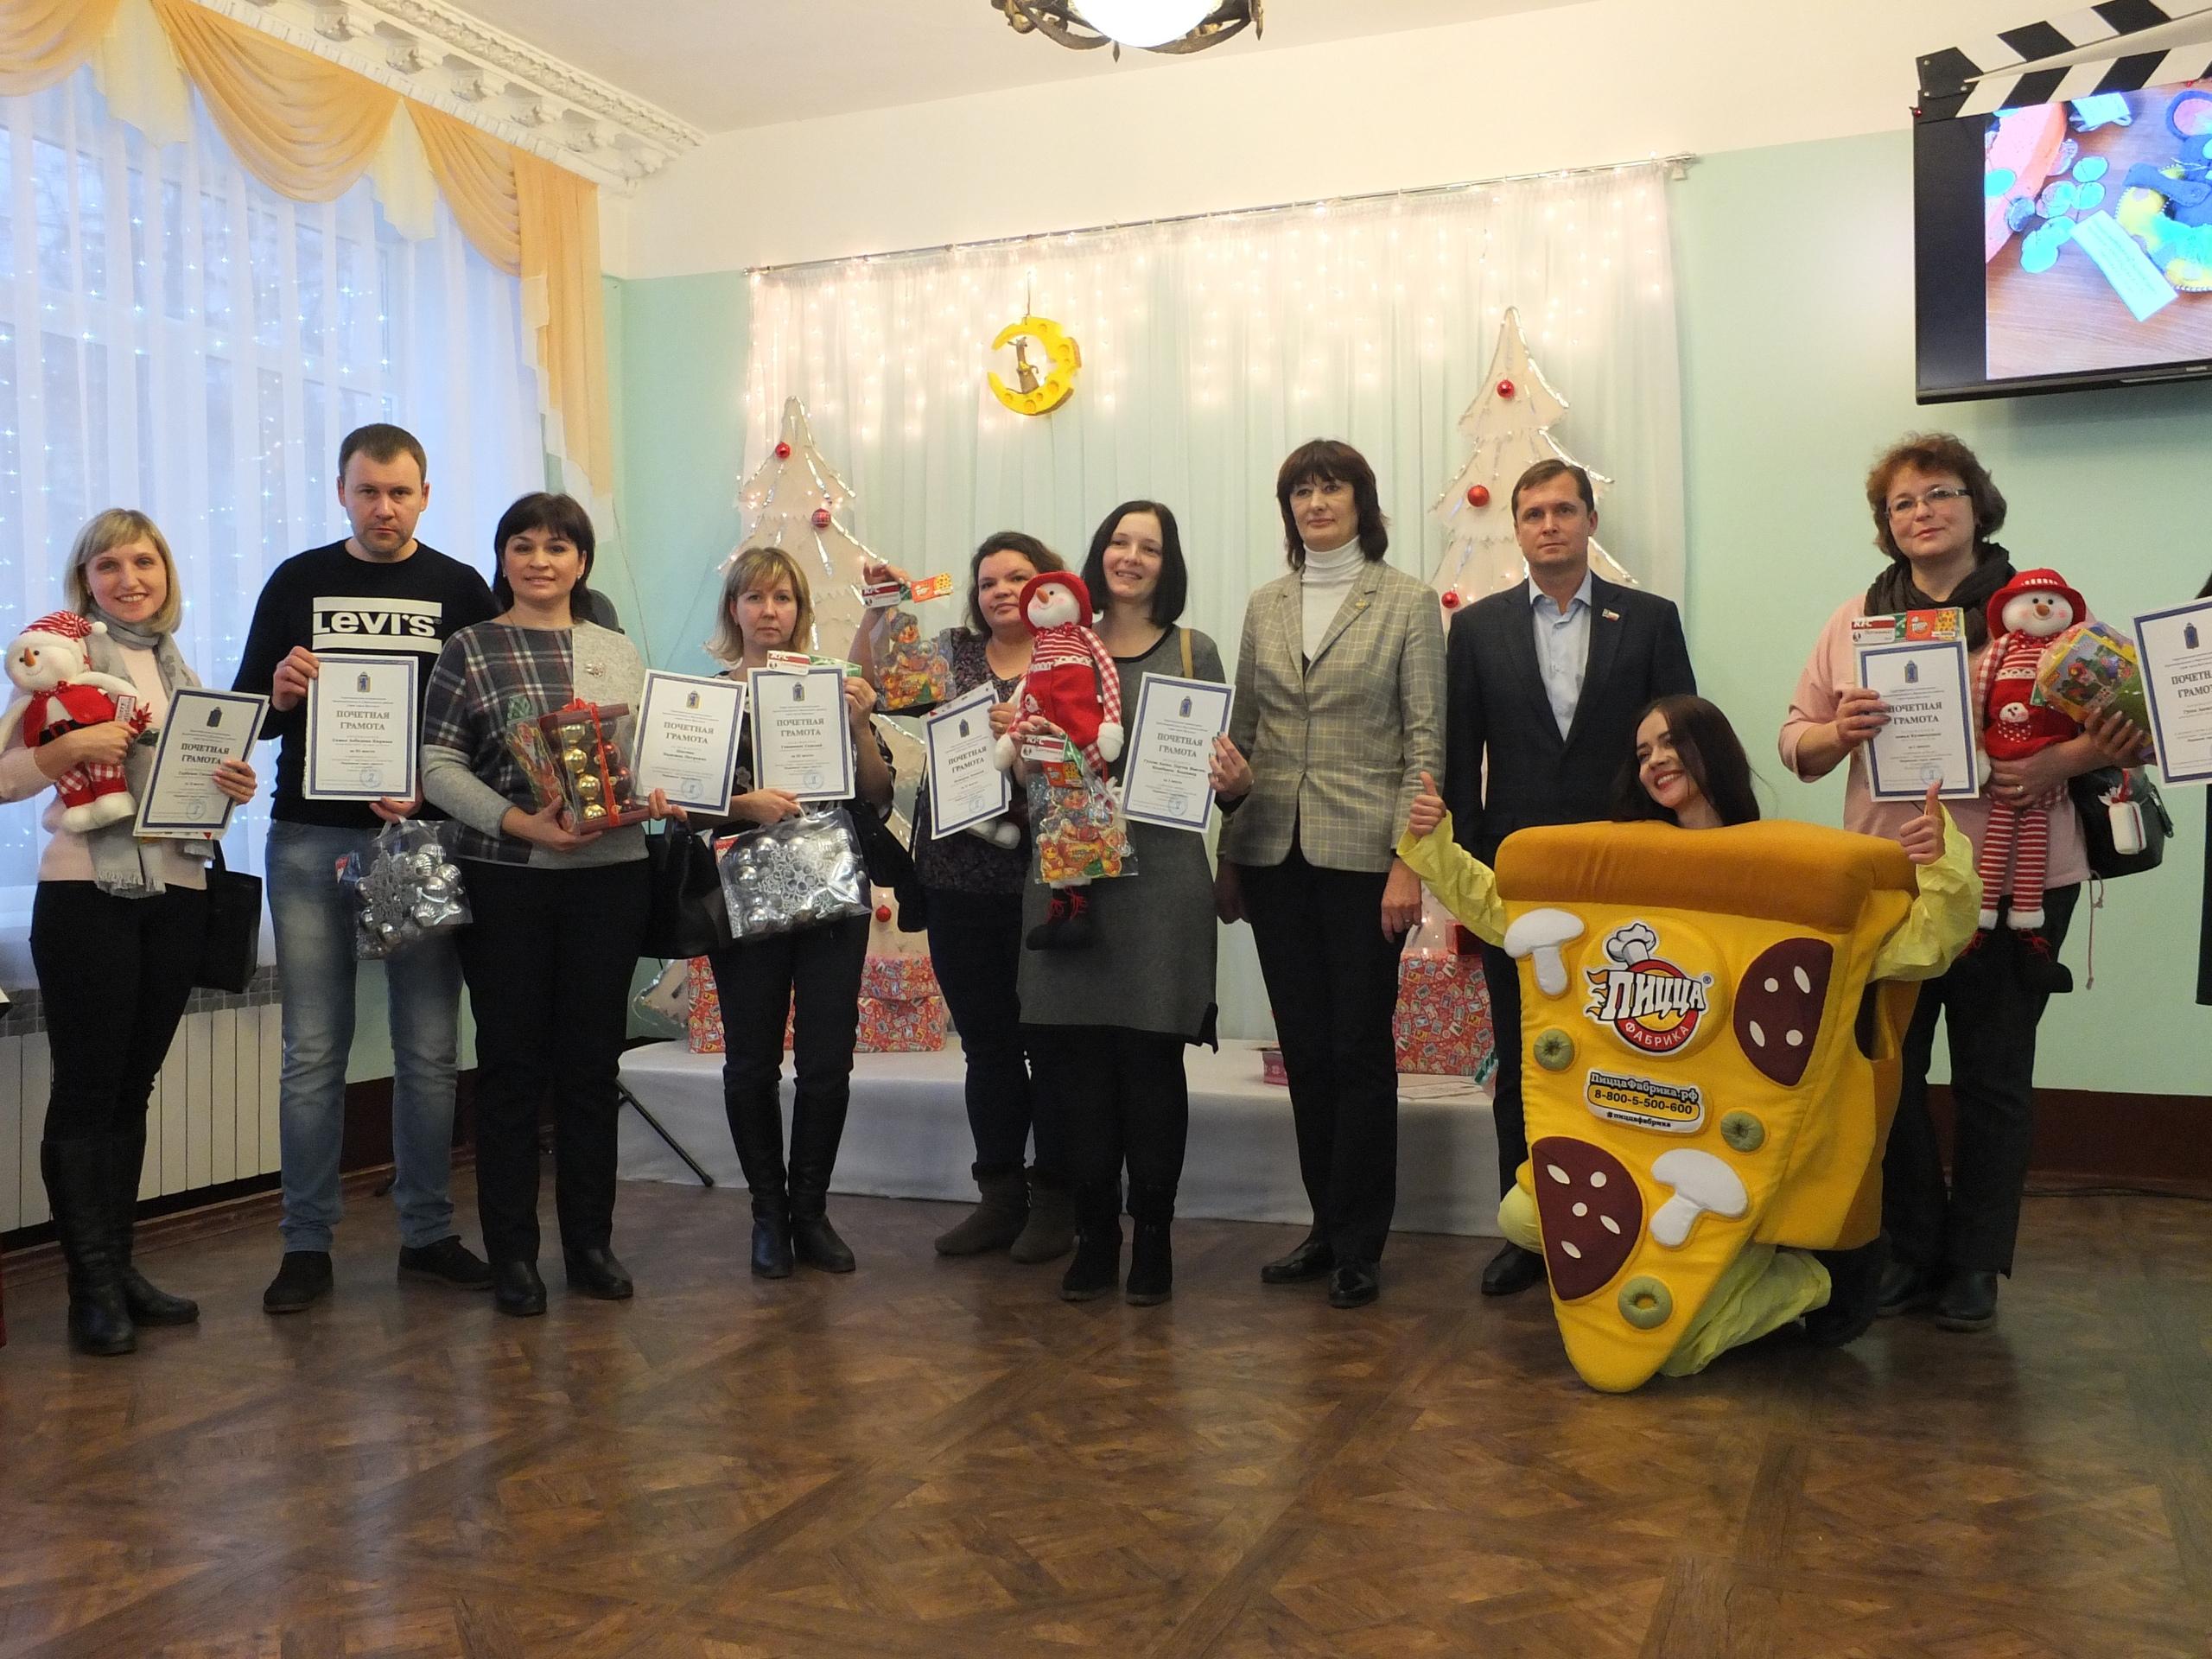 Состоялось награждение победителей конкурса декоративно-прикладного творчества «Наряжаем город вместе»